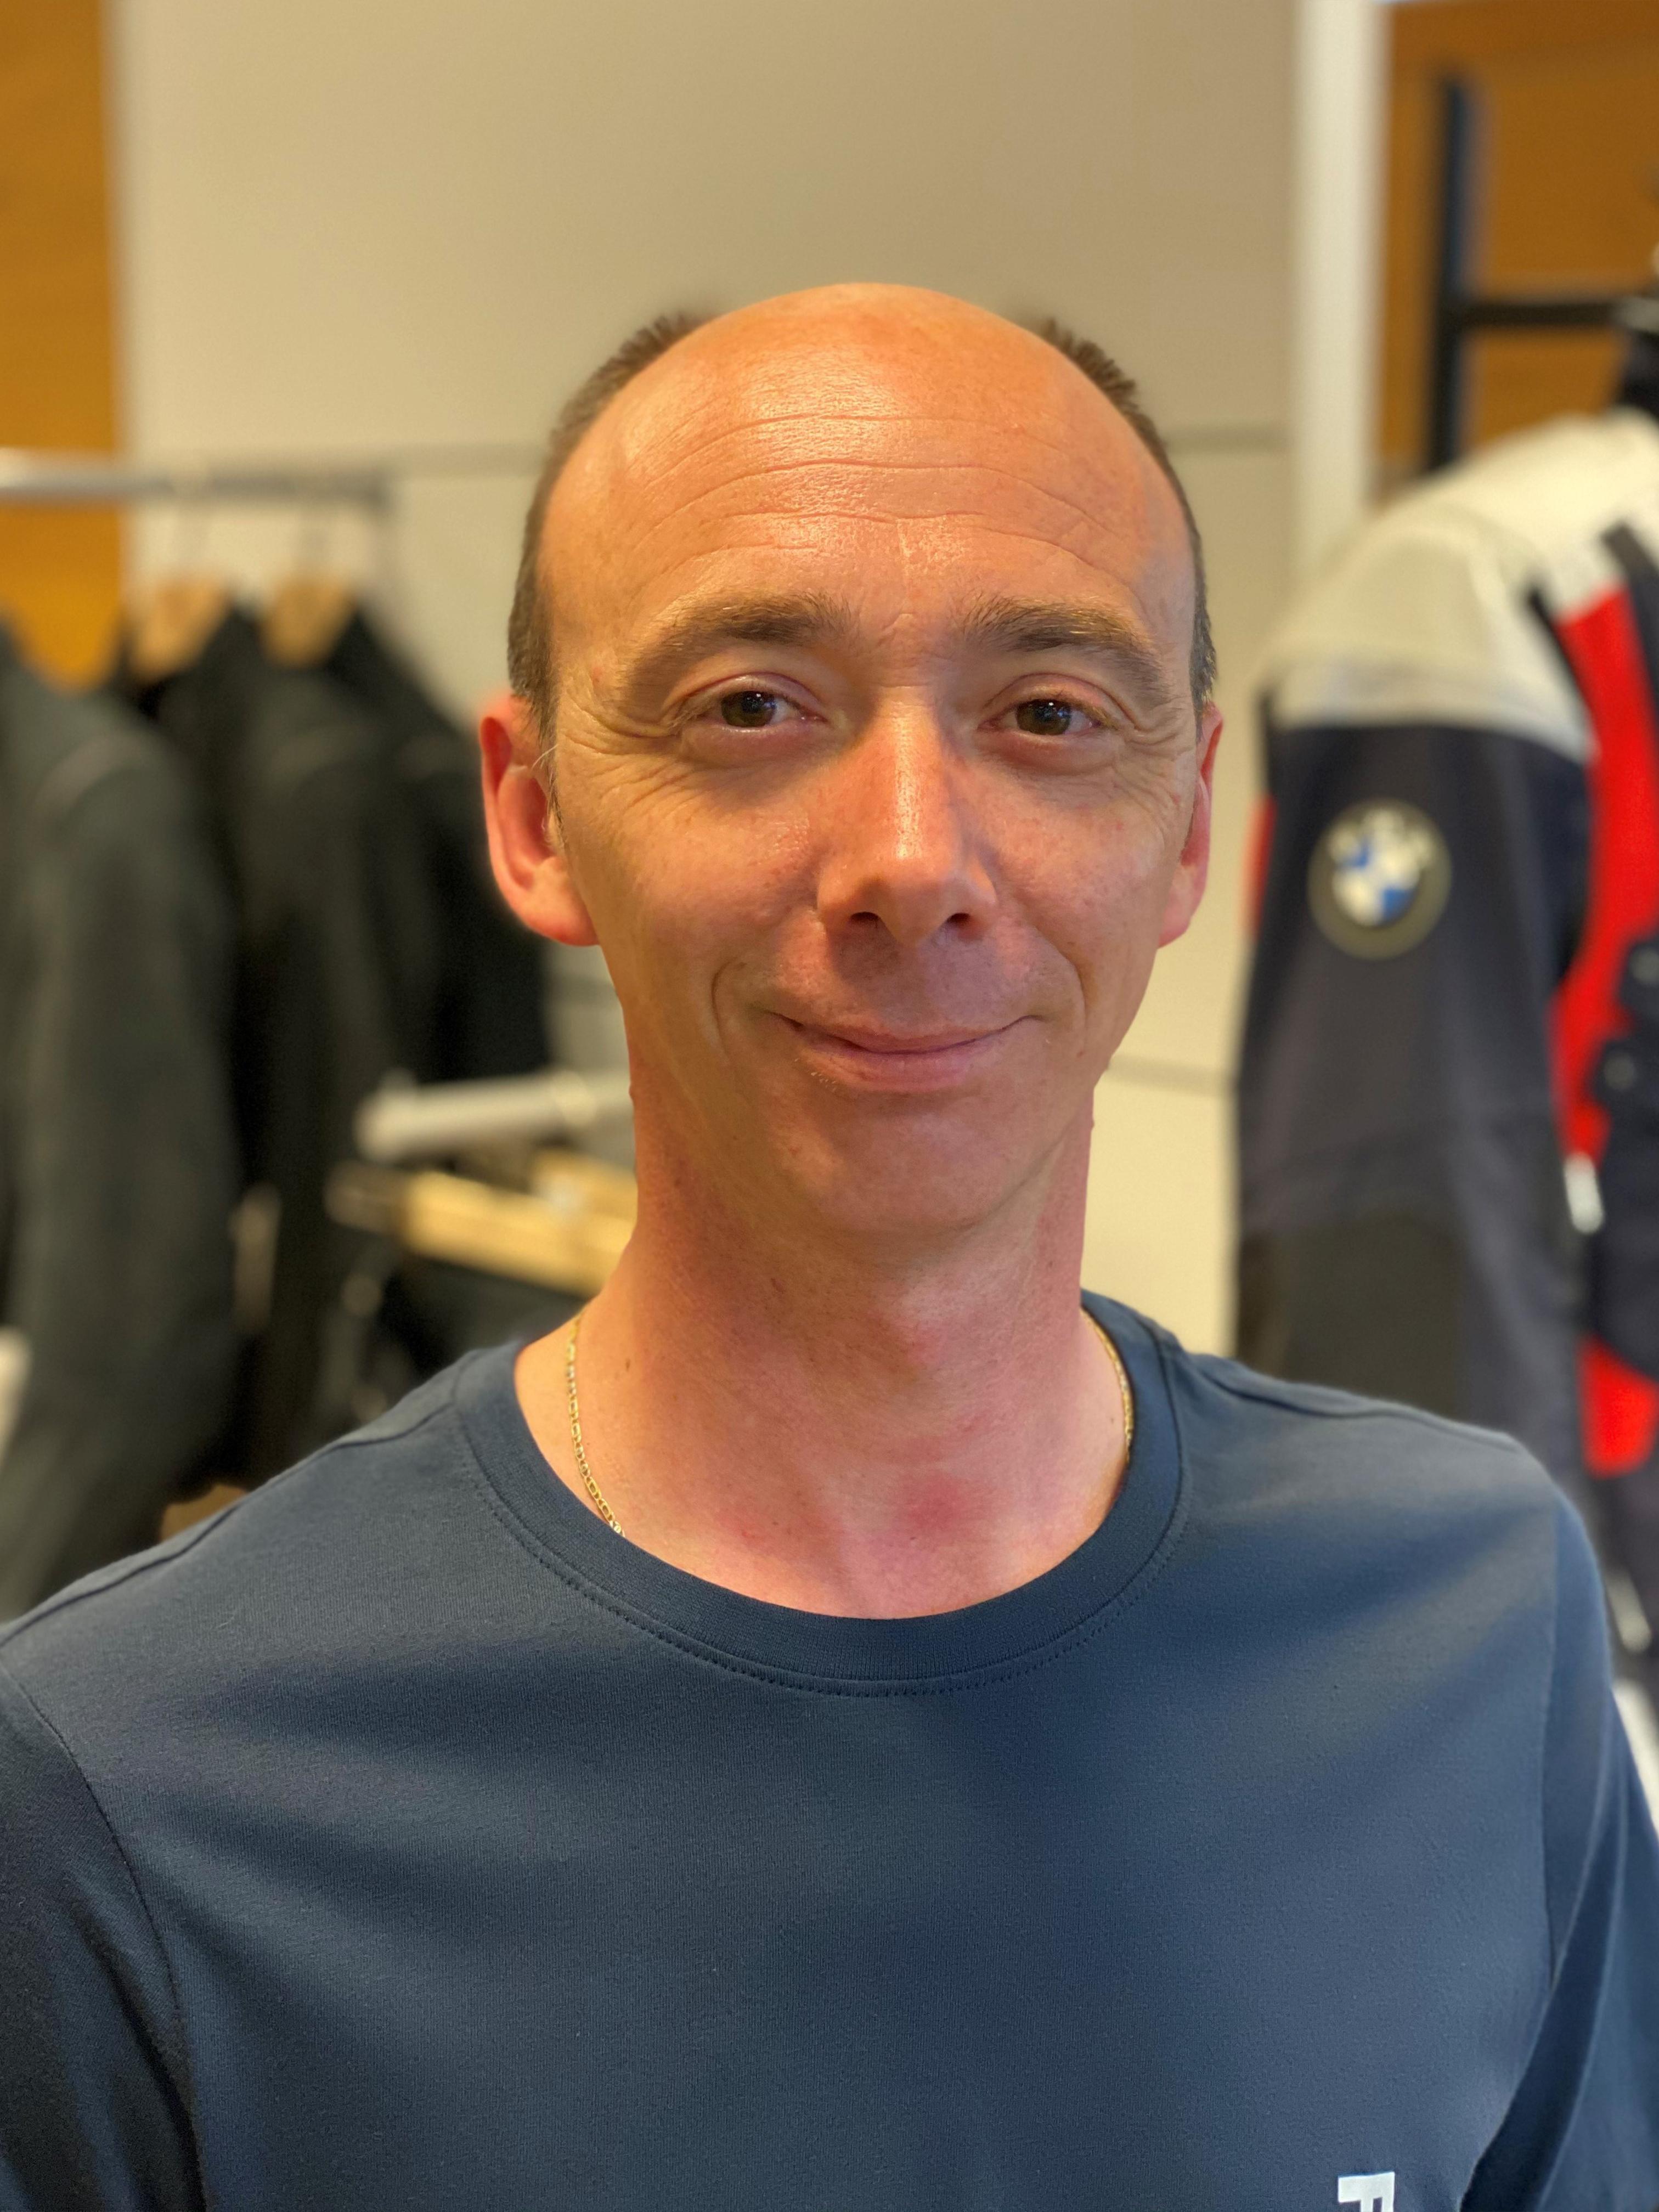 Sven Hoste